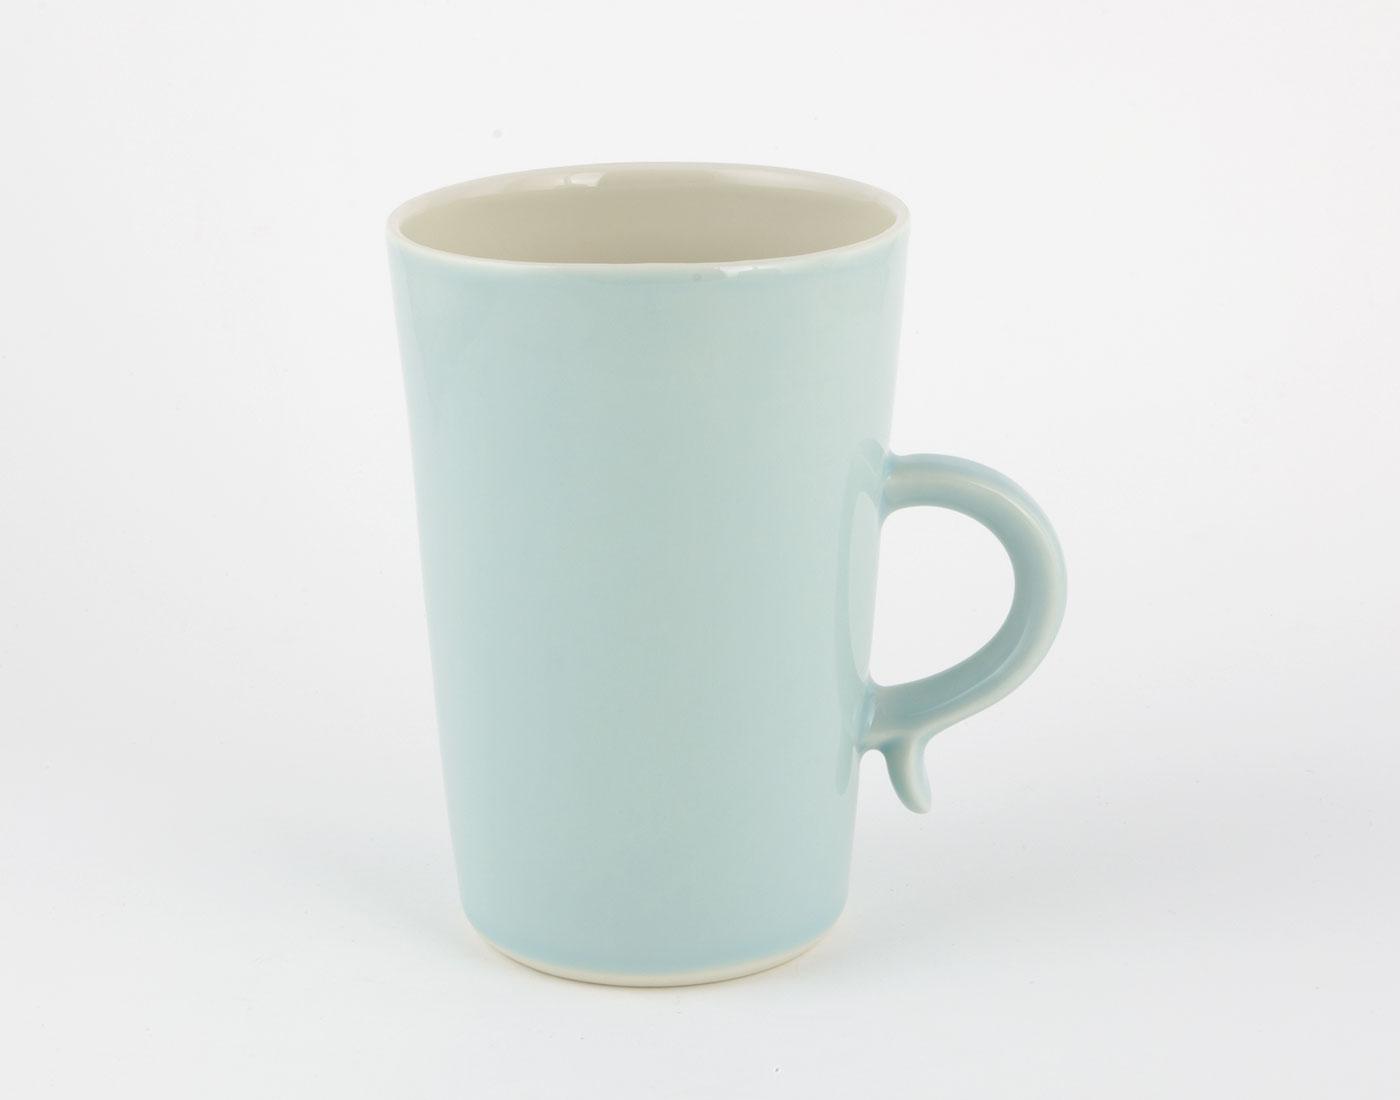 grosse blaue Tasse